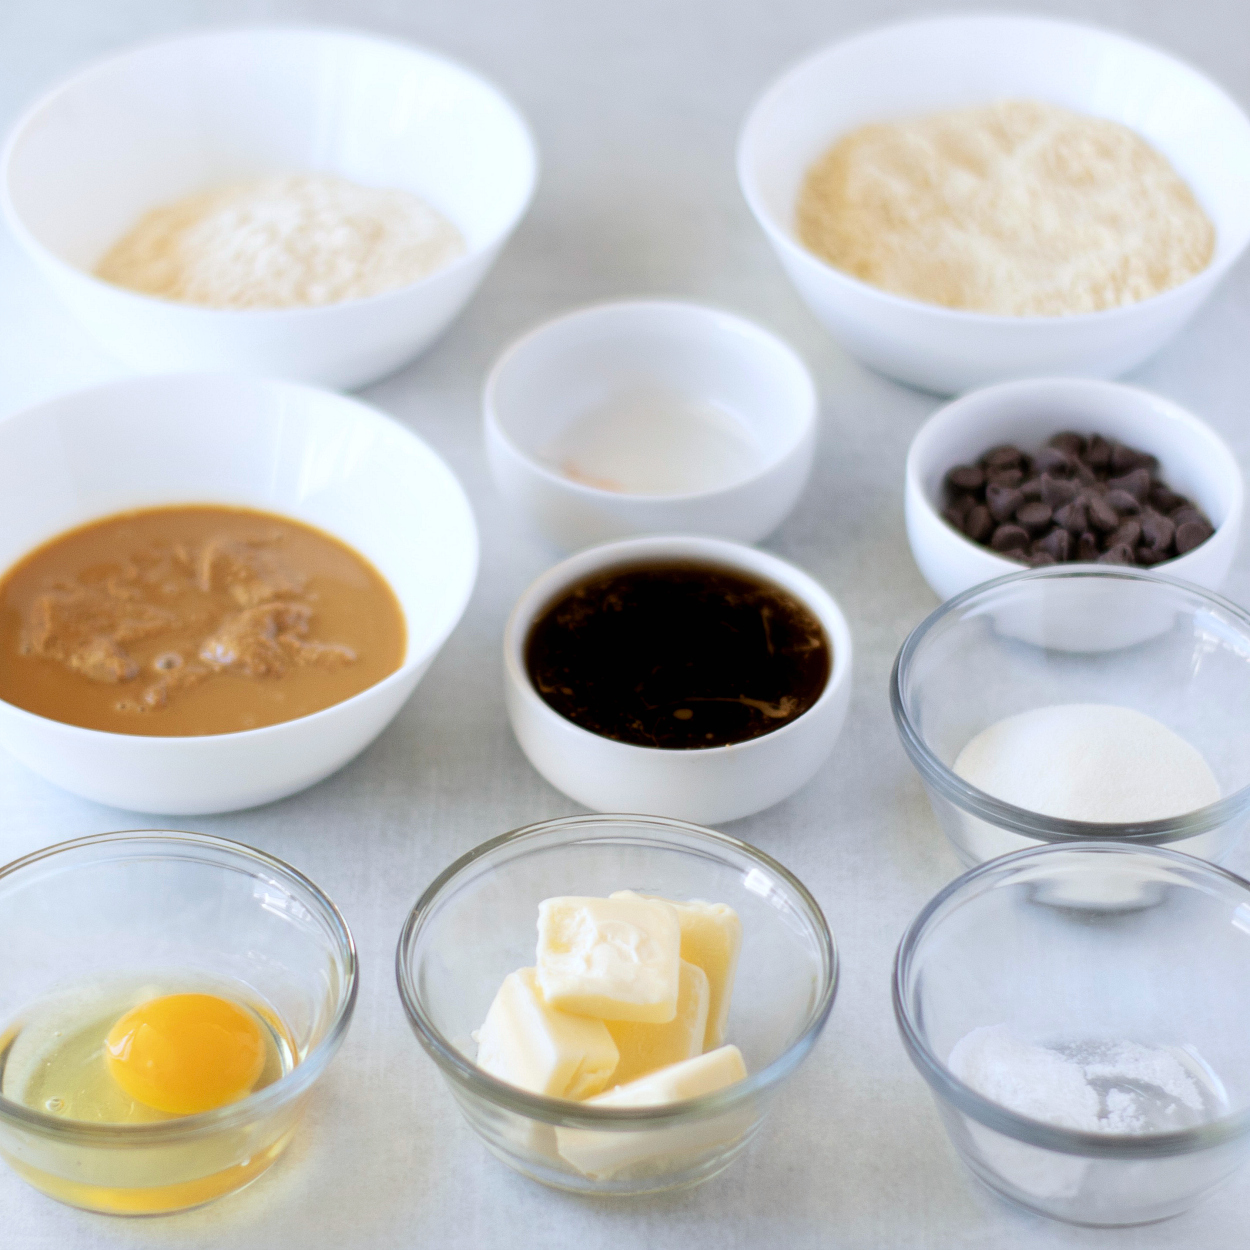 pb chocolate chip cookie ingredients